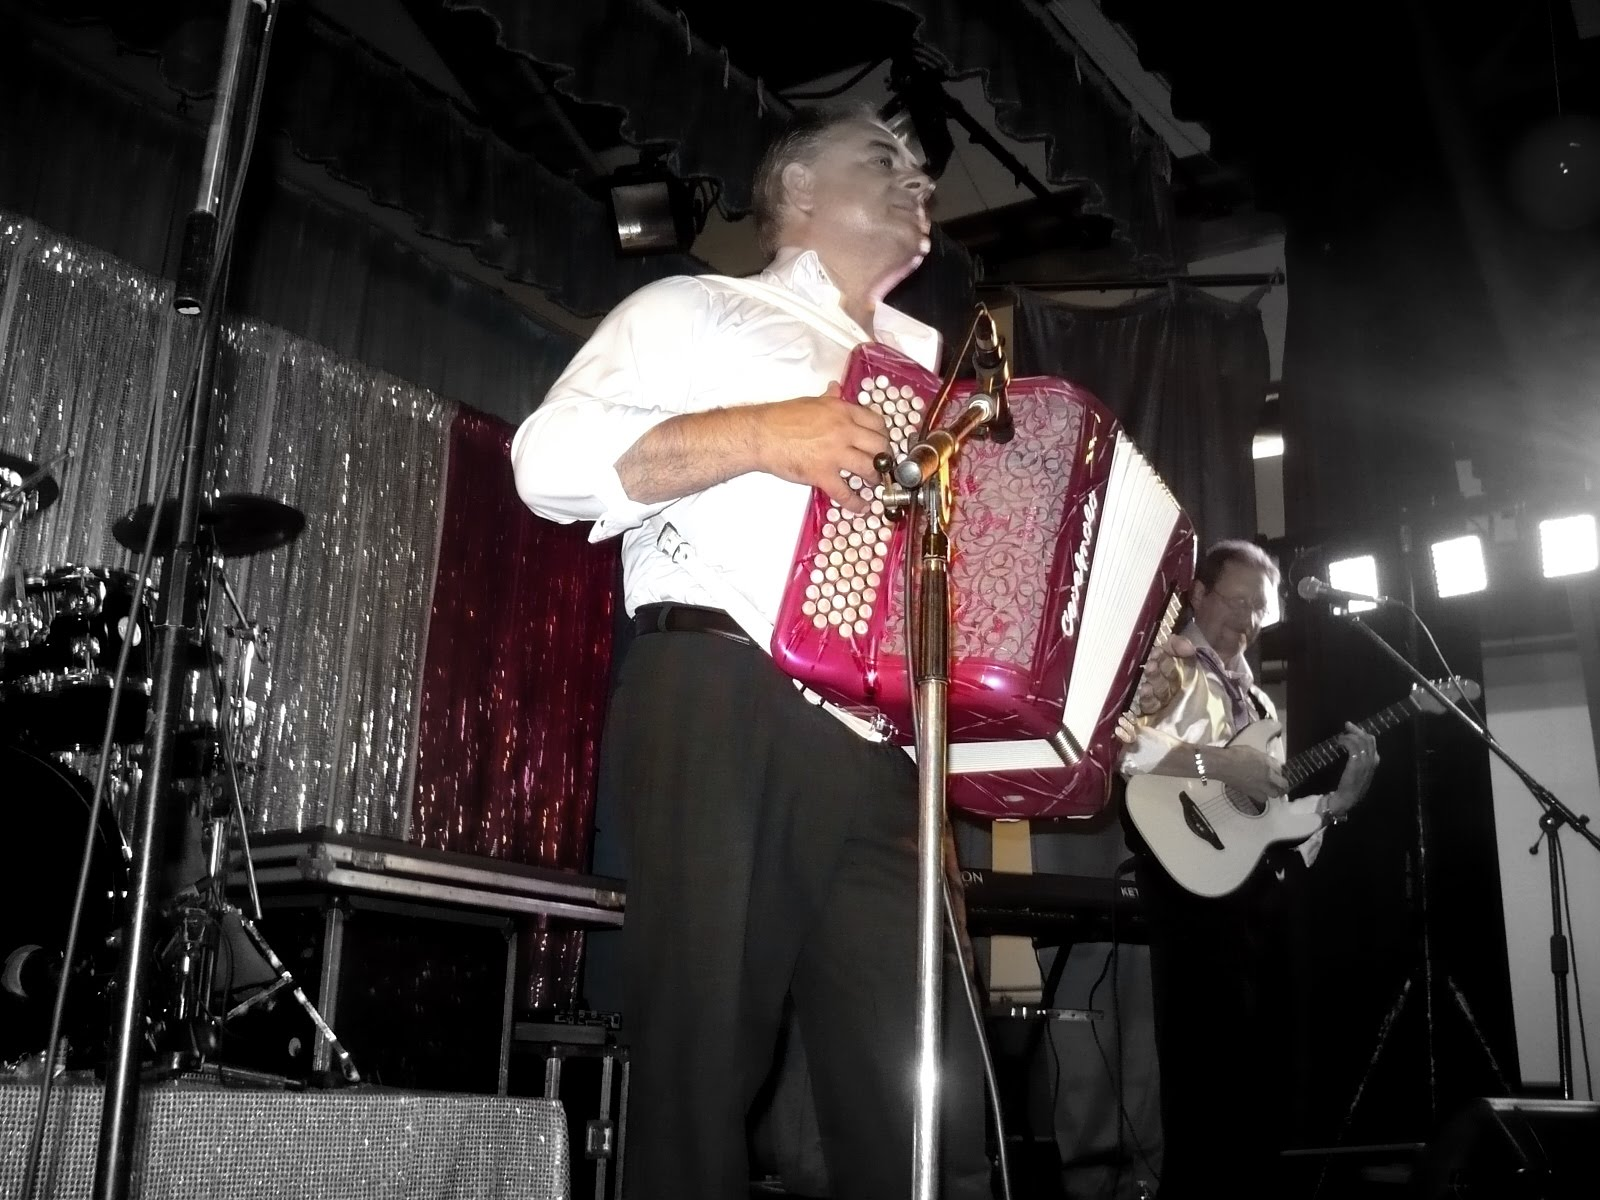 Le blog de la danse de salon patrick robin ferri res en g tinais 45 - Blog de la danse de salon ...